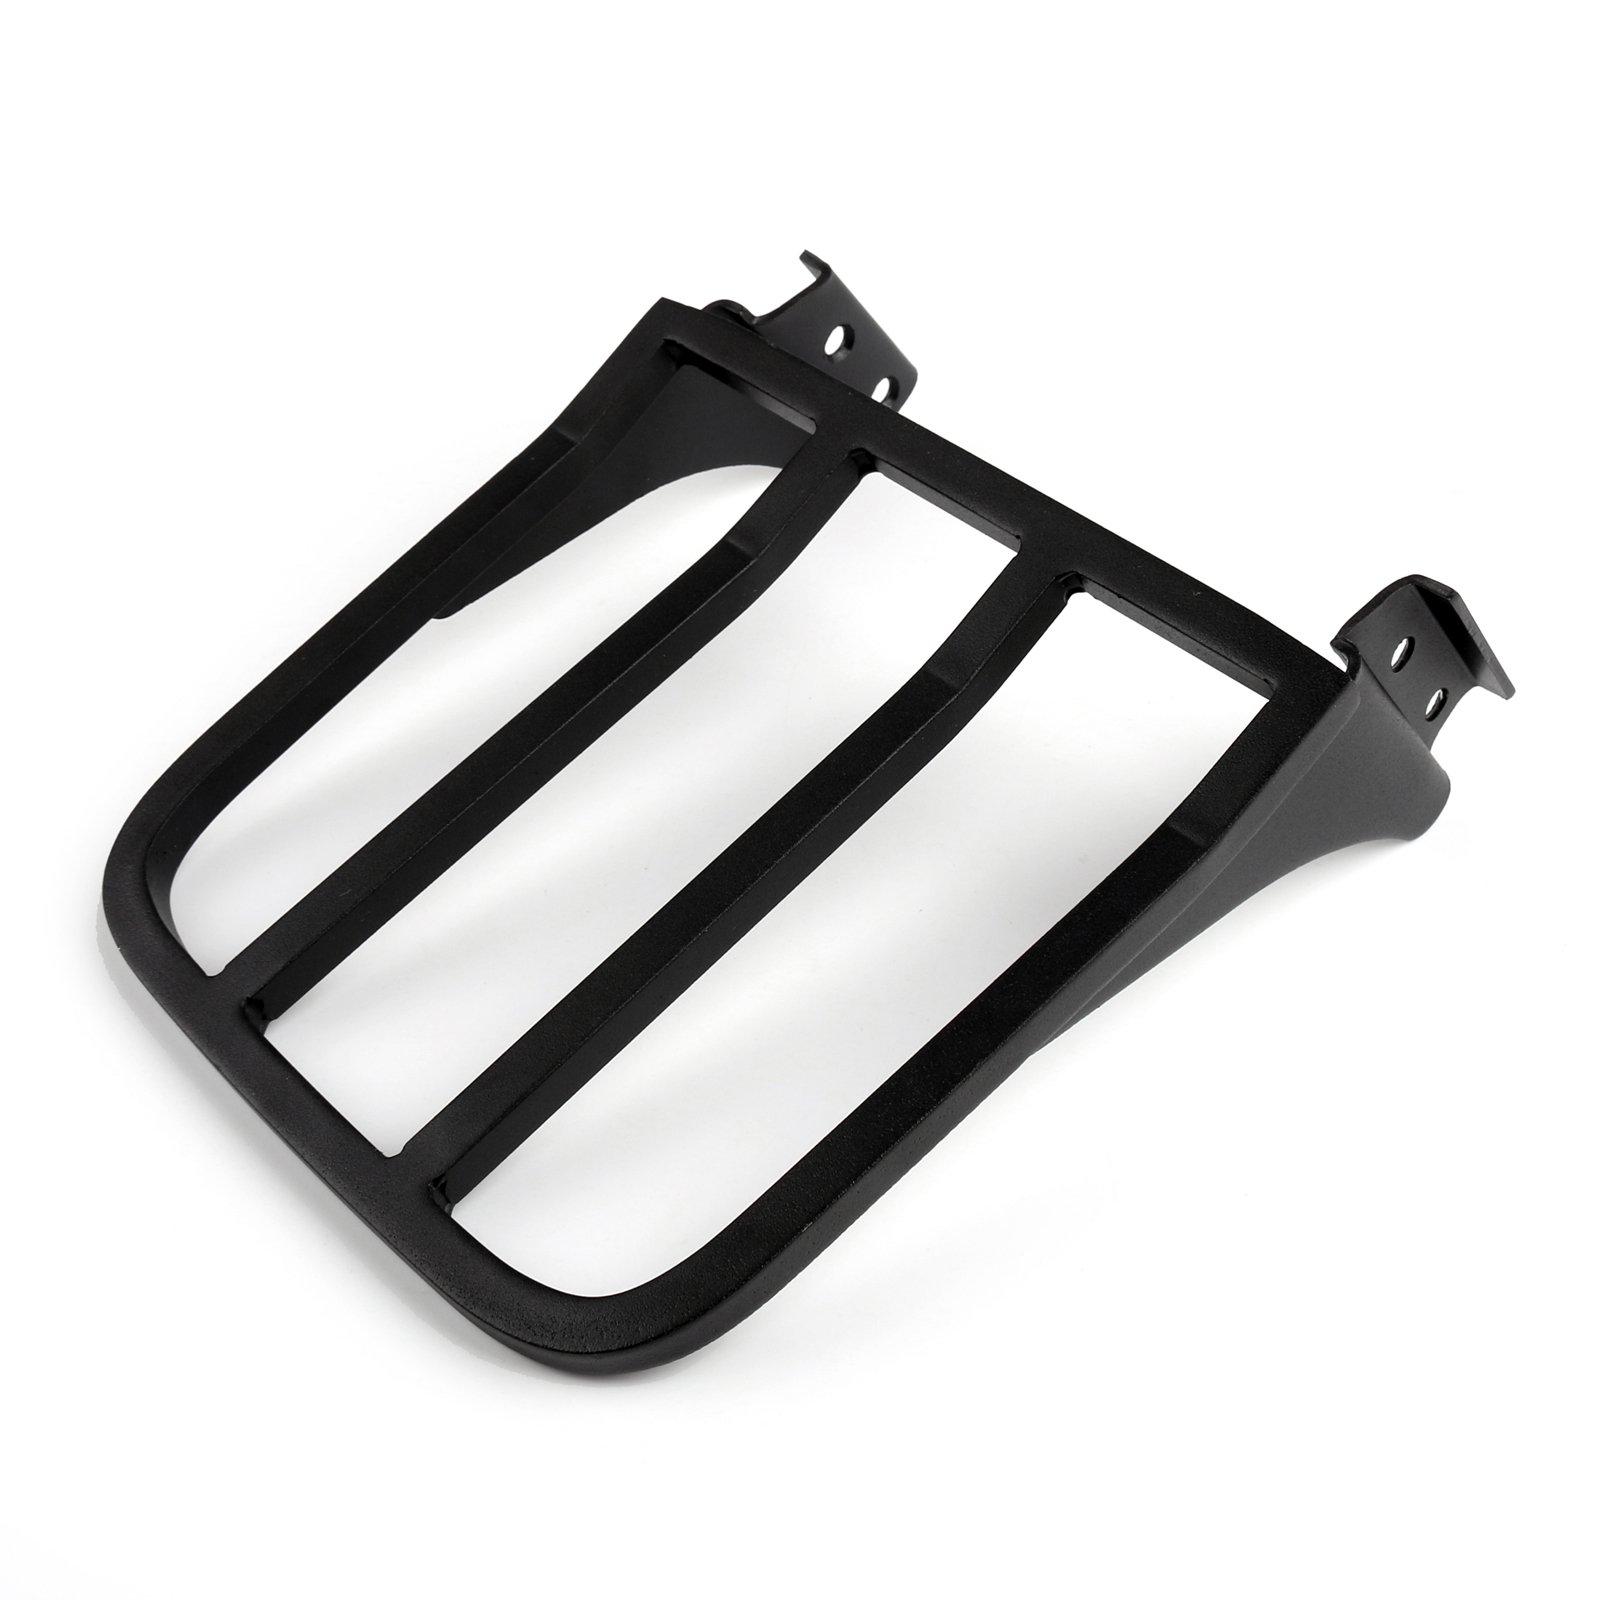 Areyourshop Sissy Bar Backrest Luggage Rack For Harley FLSTF FLST FLSTC FLSTSC Black